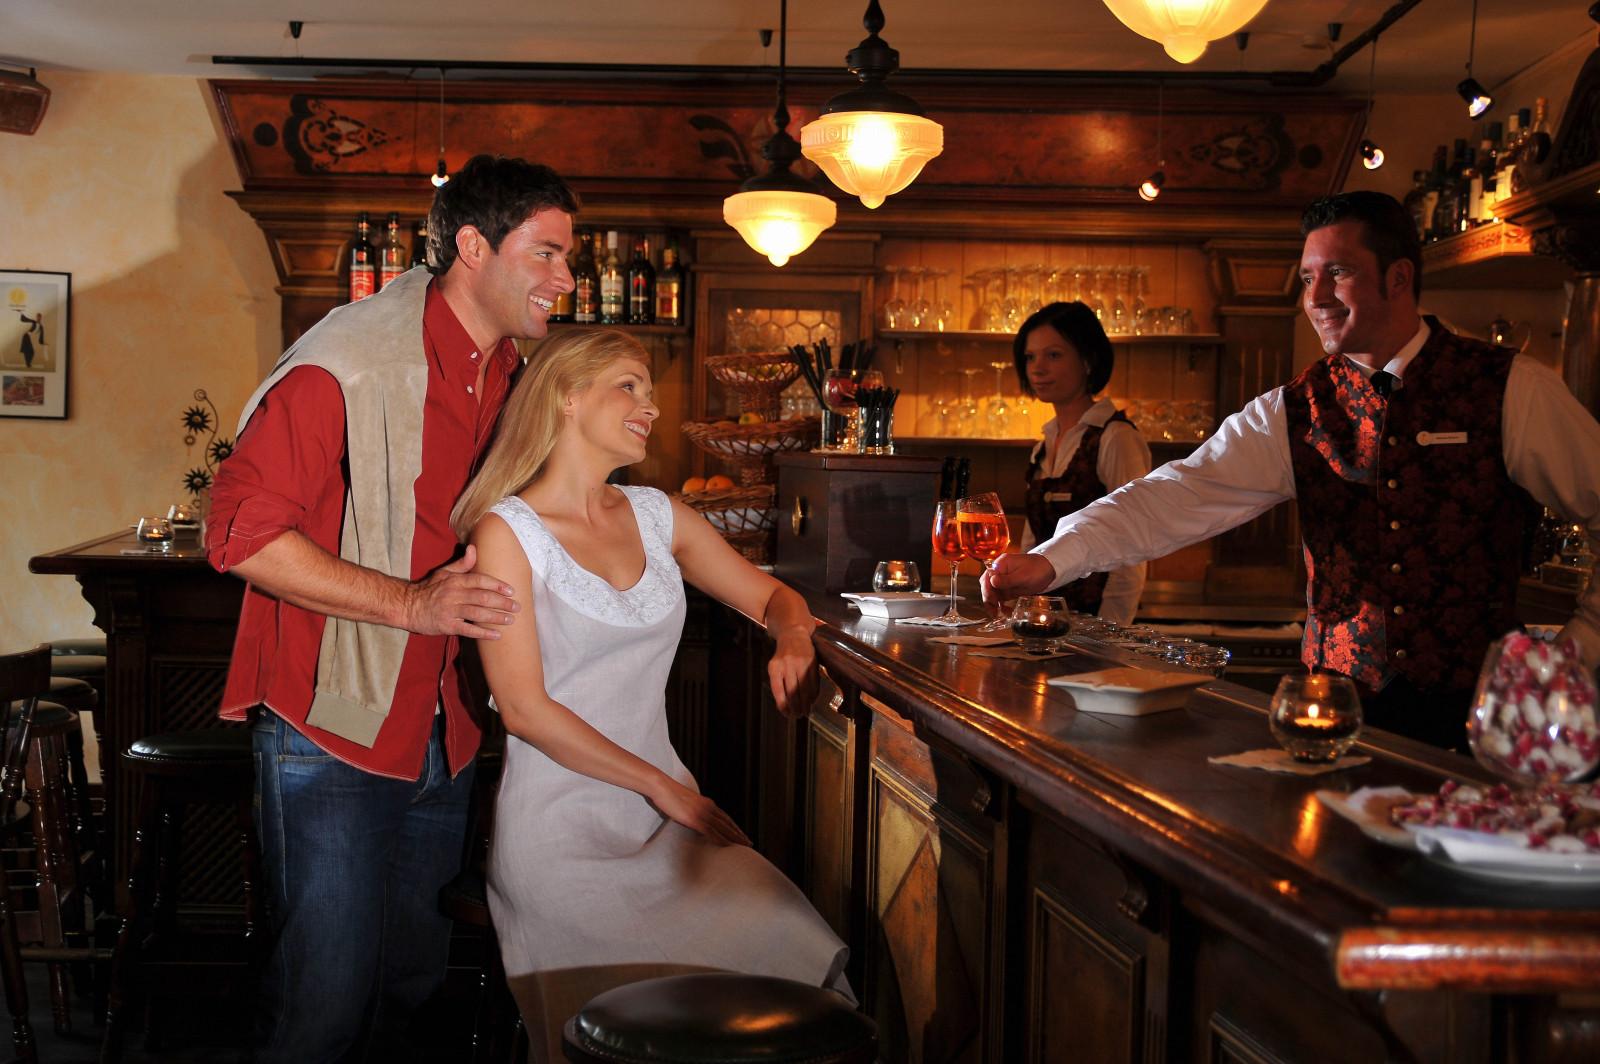 Порно фильм красотка официантка было велено